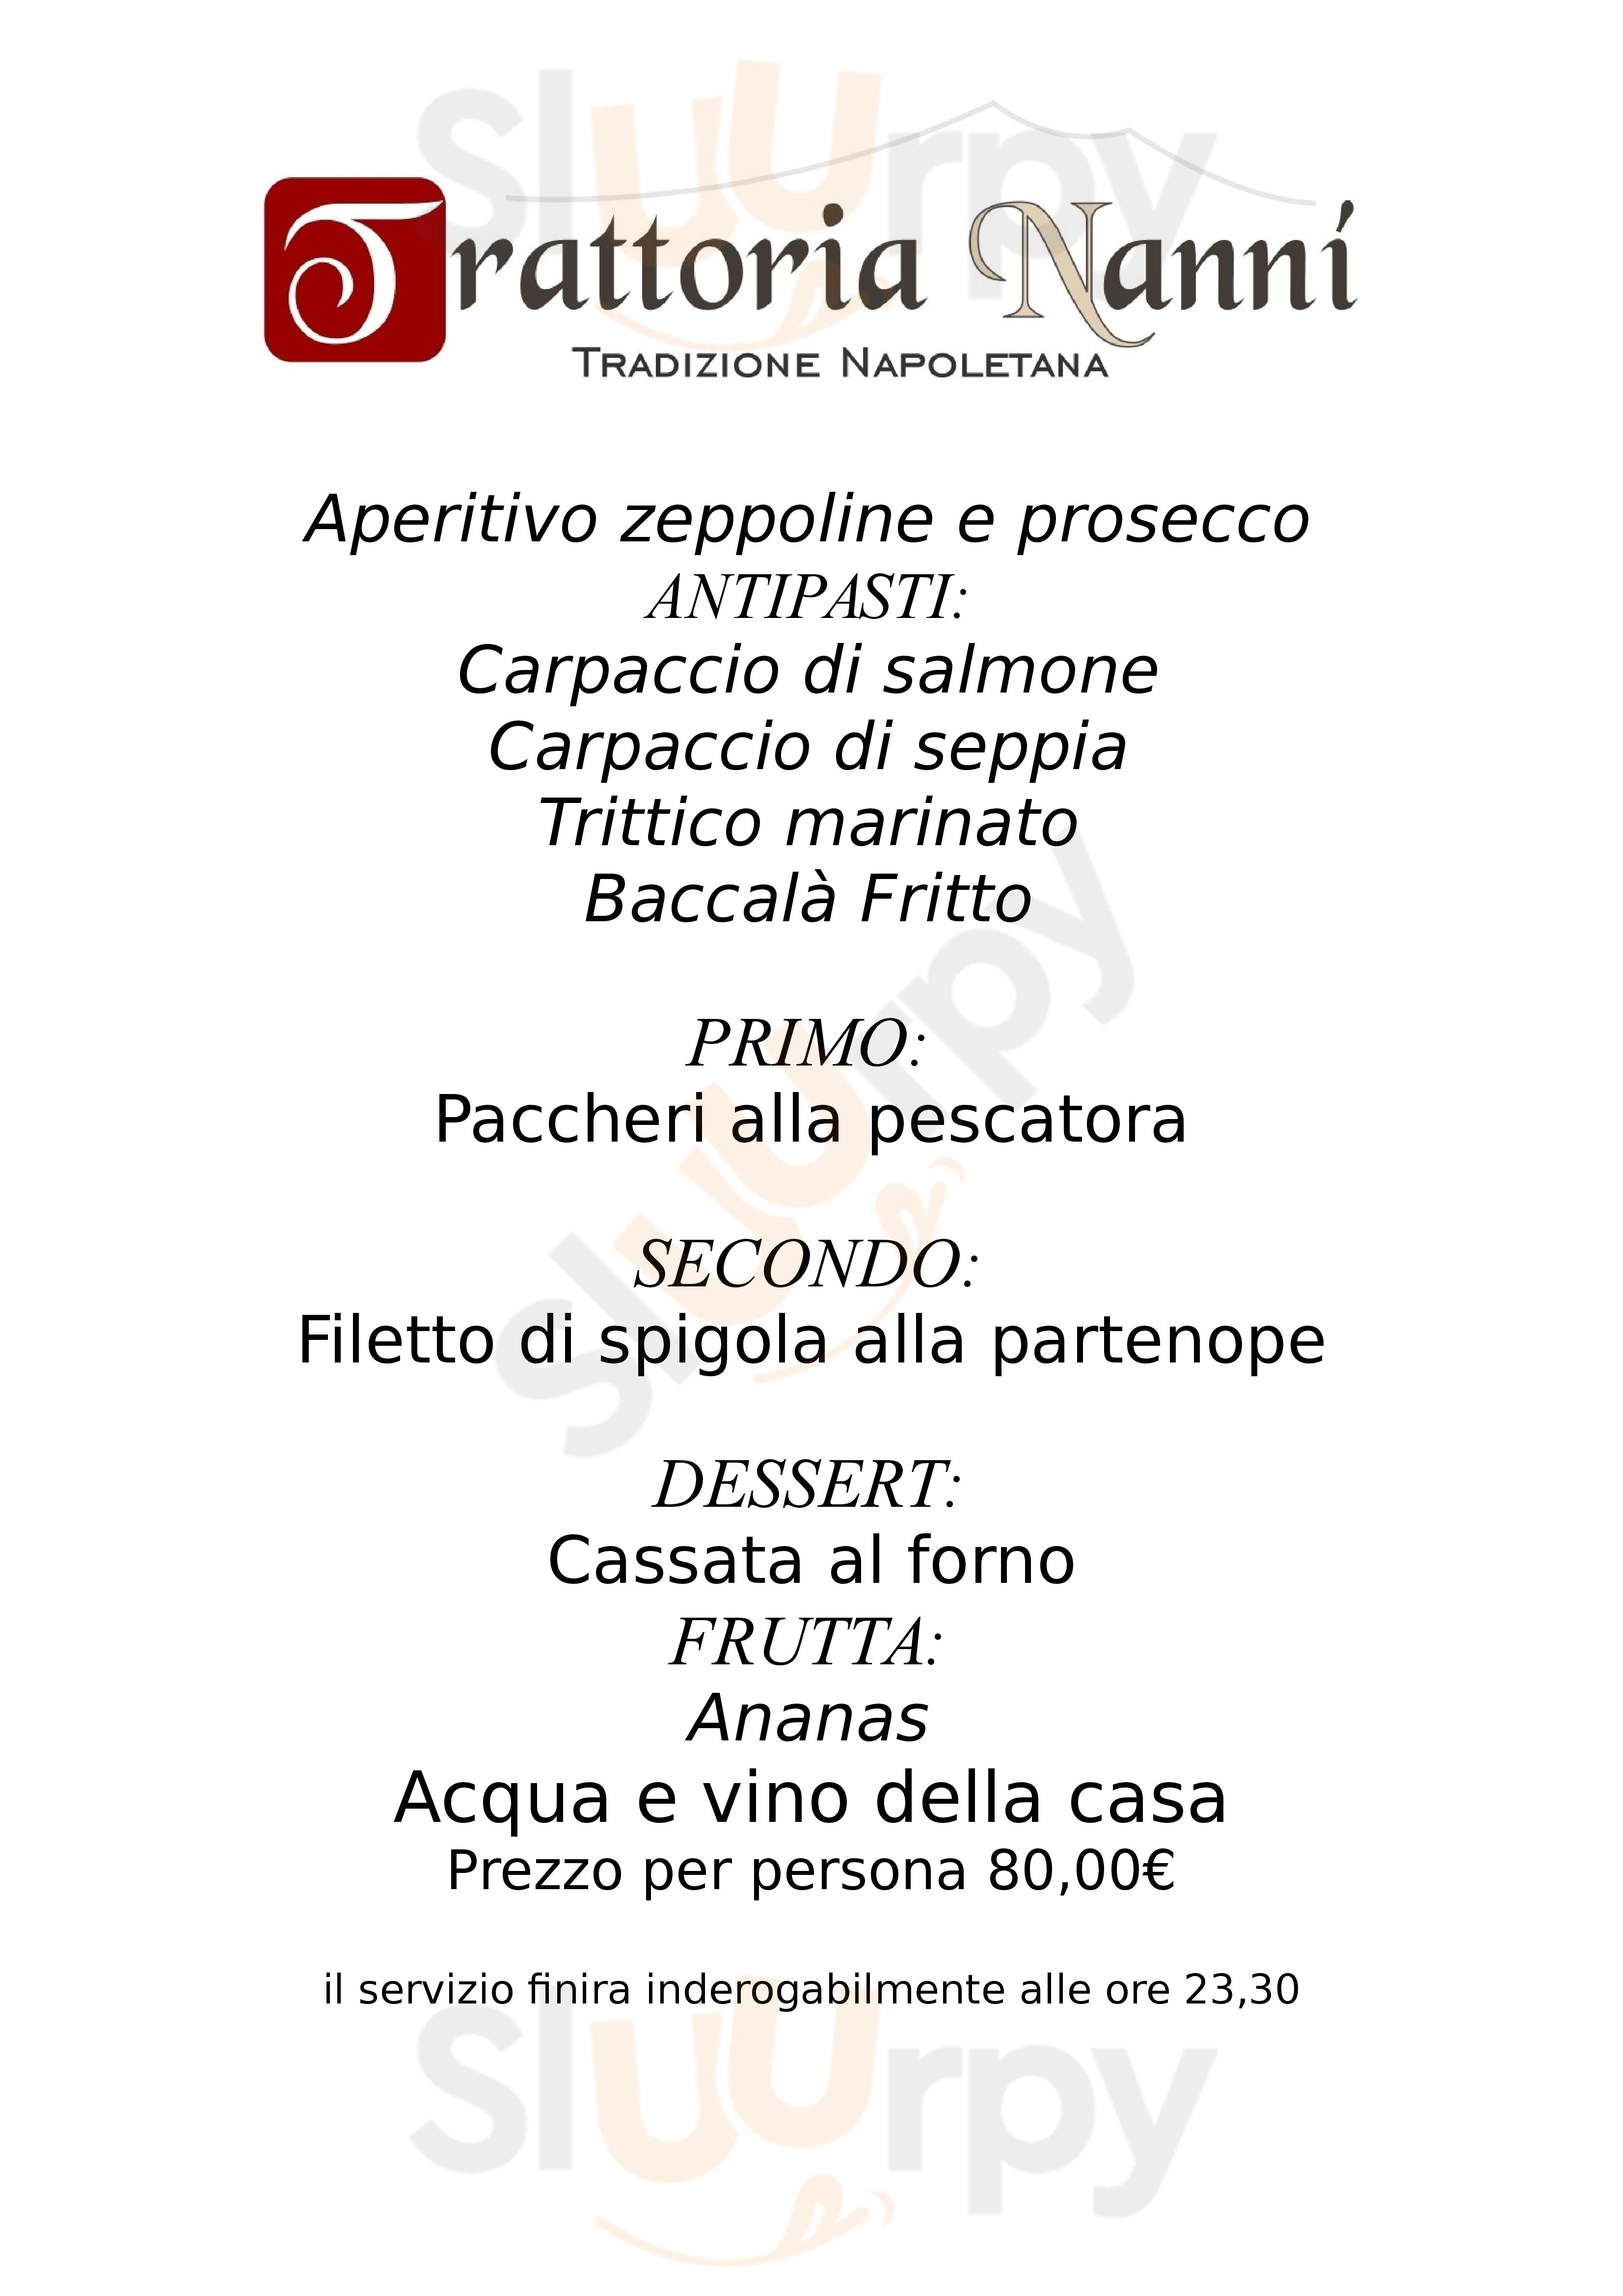 Trattoria Nanni Napoli menù 1 pagina